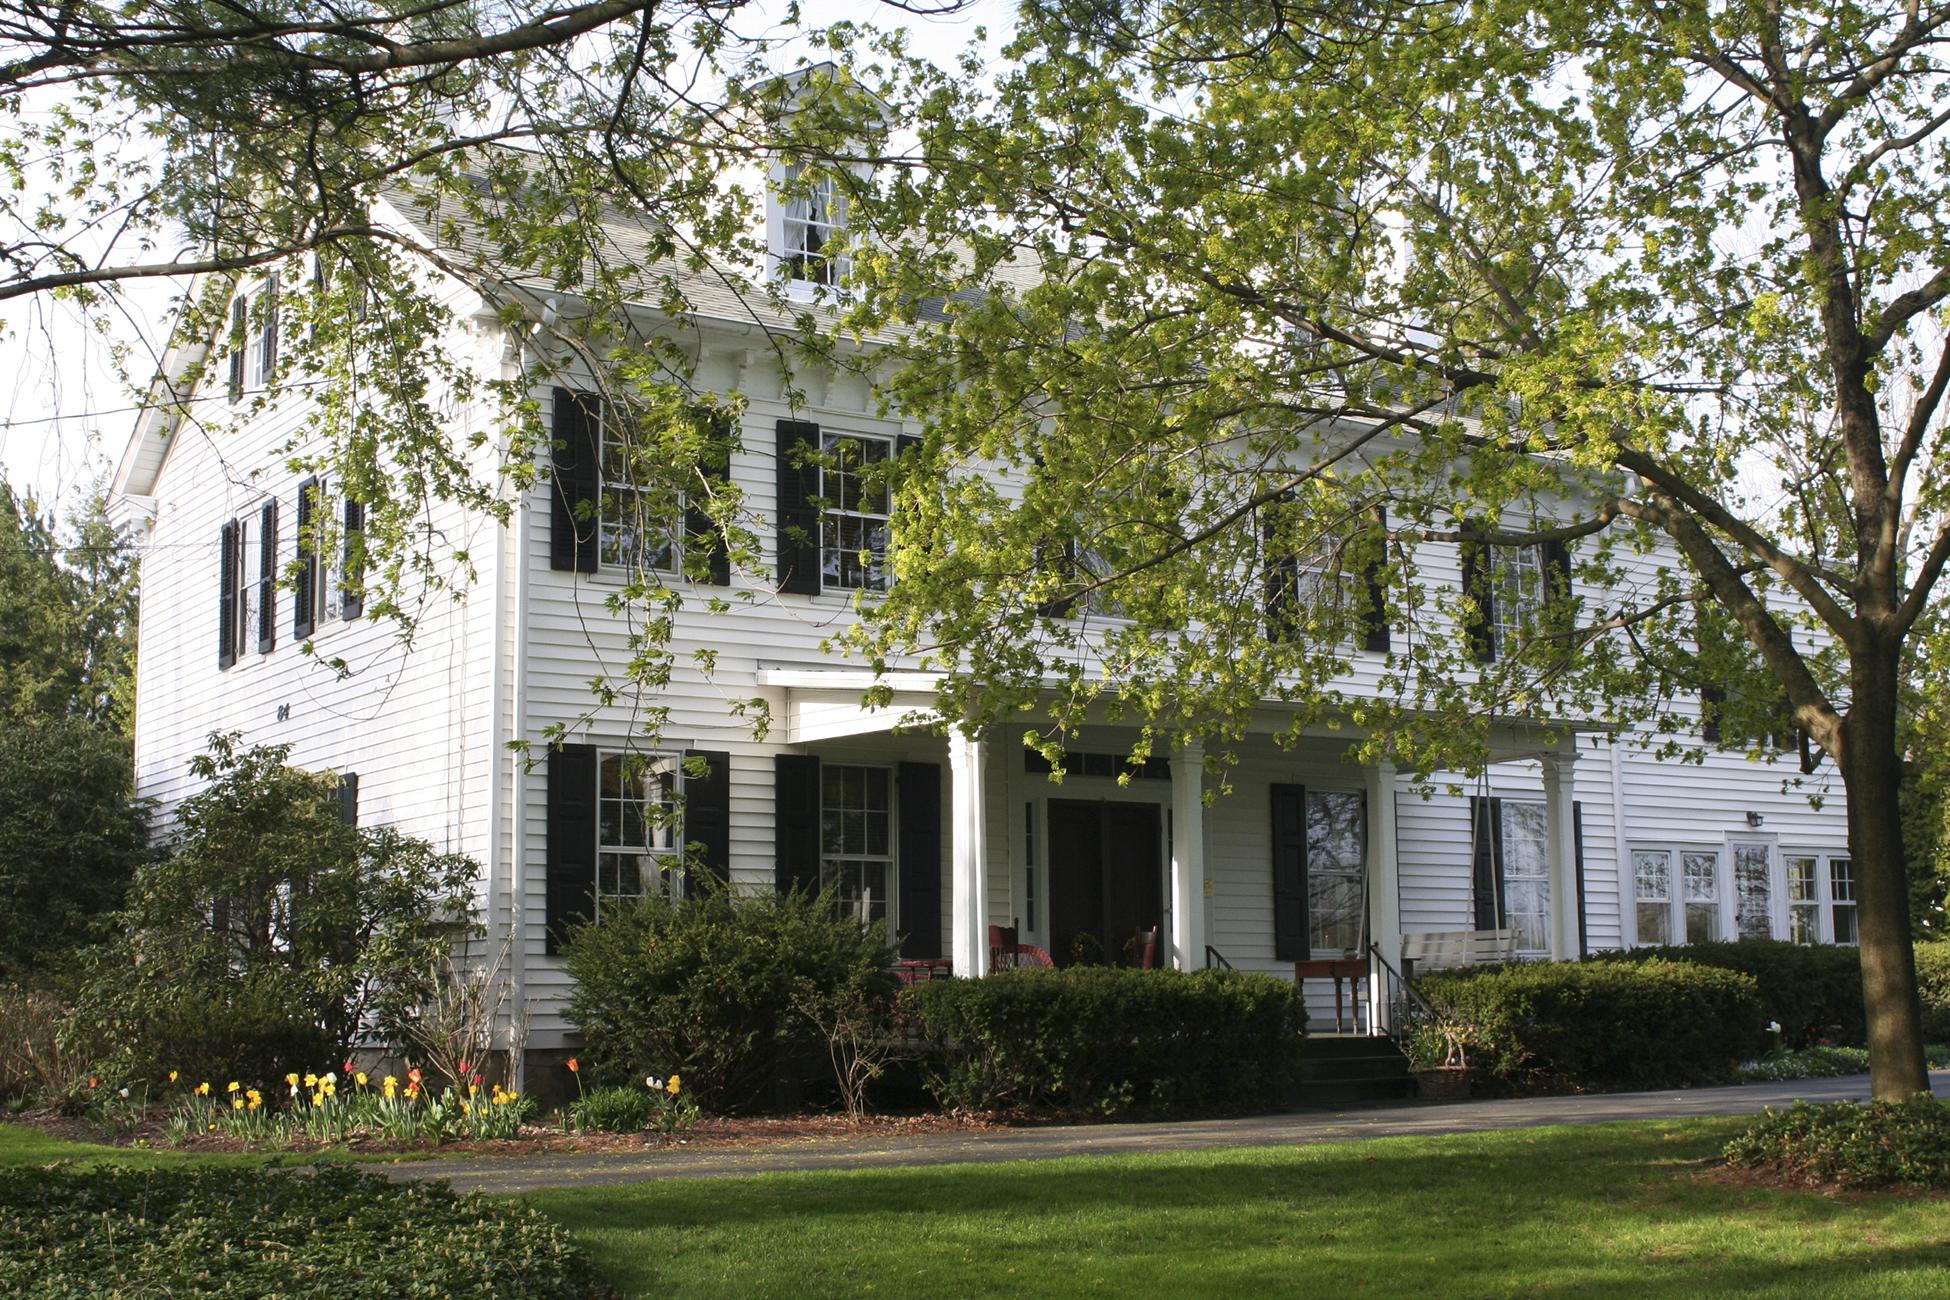 Tek Ailelik Ev için Satış at Historic Georgian Colonial 84 Walnford Road Allentown, New Jersey, 08501 Amerika Birleşik Devletleri